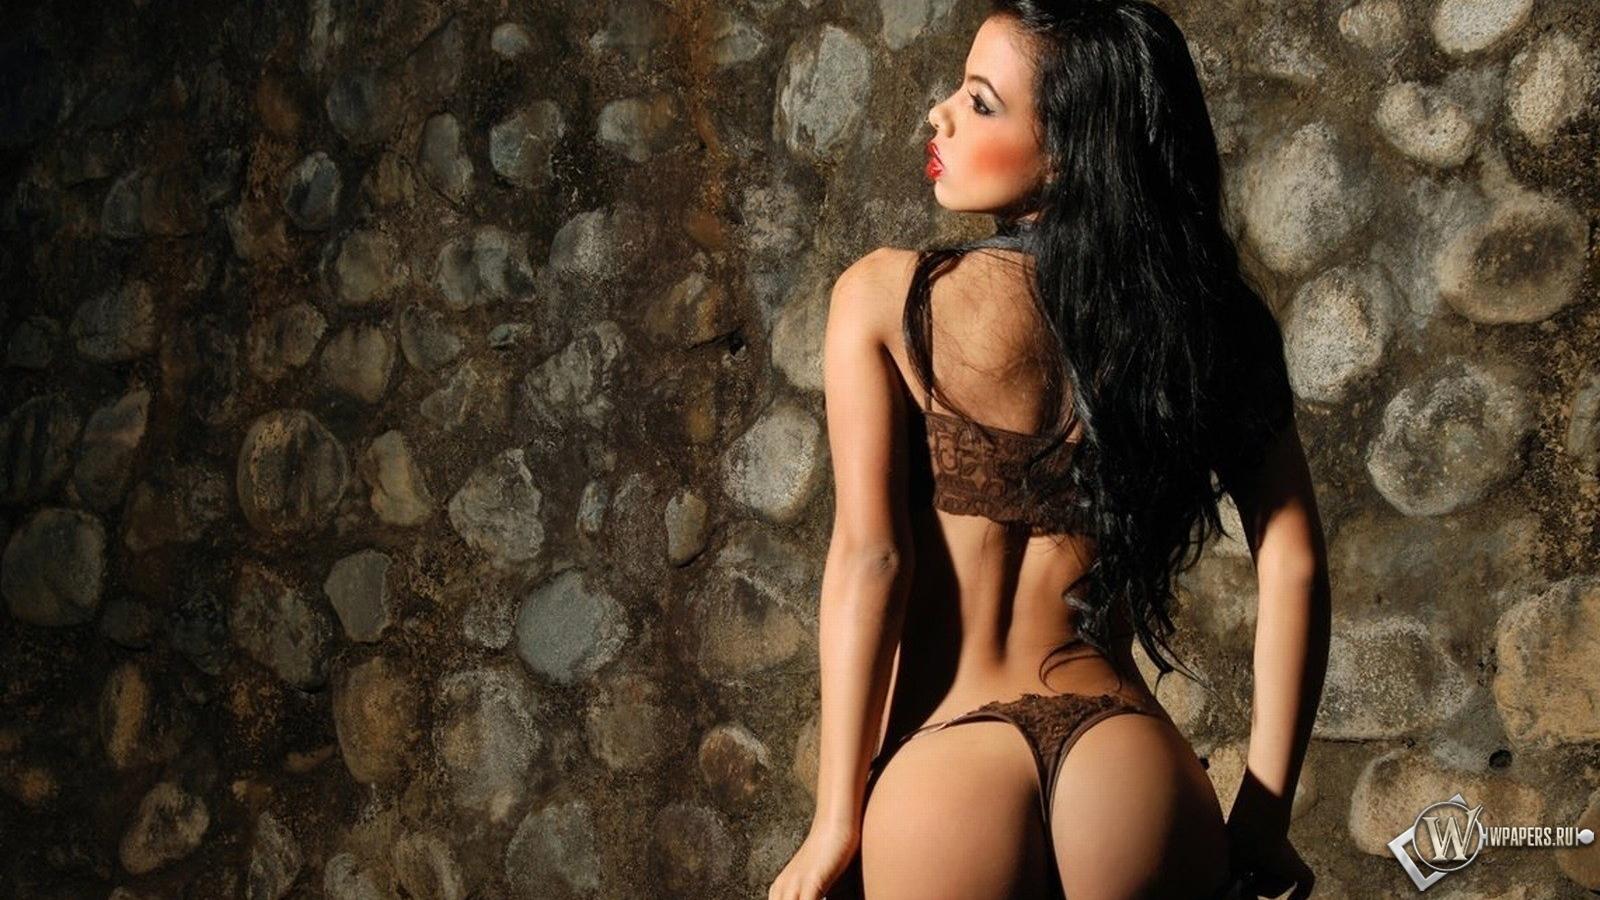 Фотки сексуально брюнетки в стрингах 4 фотография